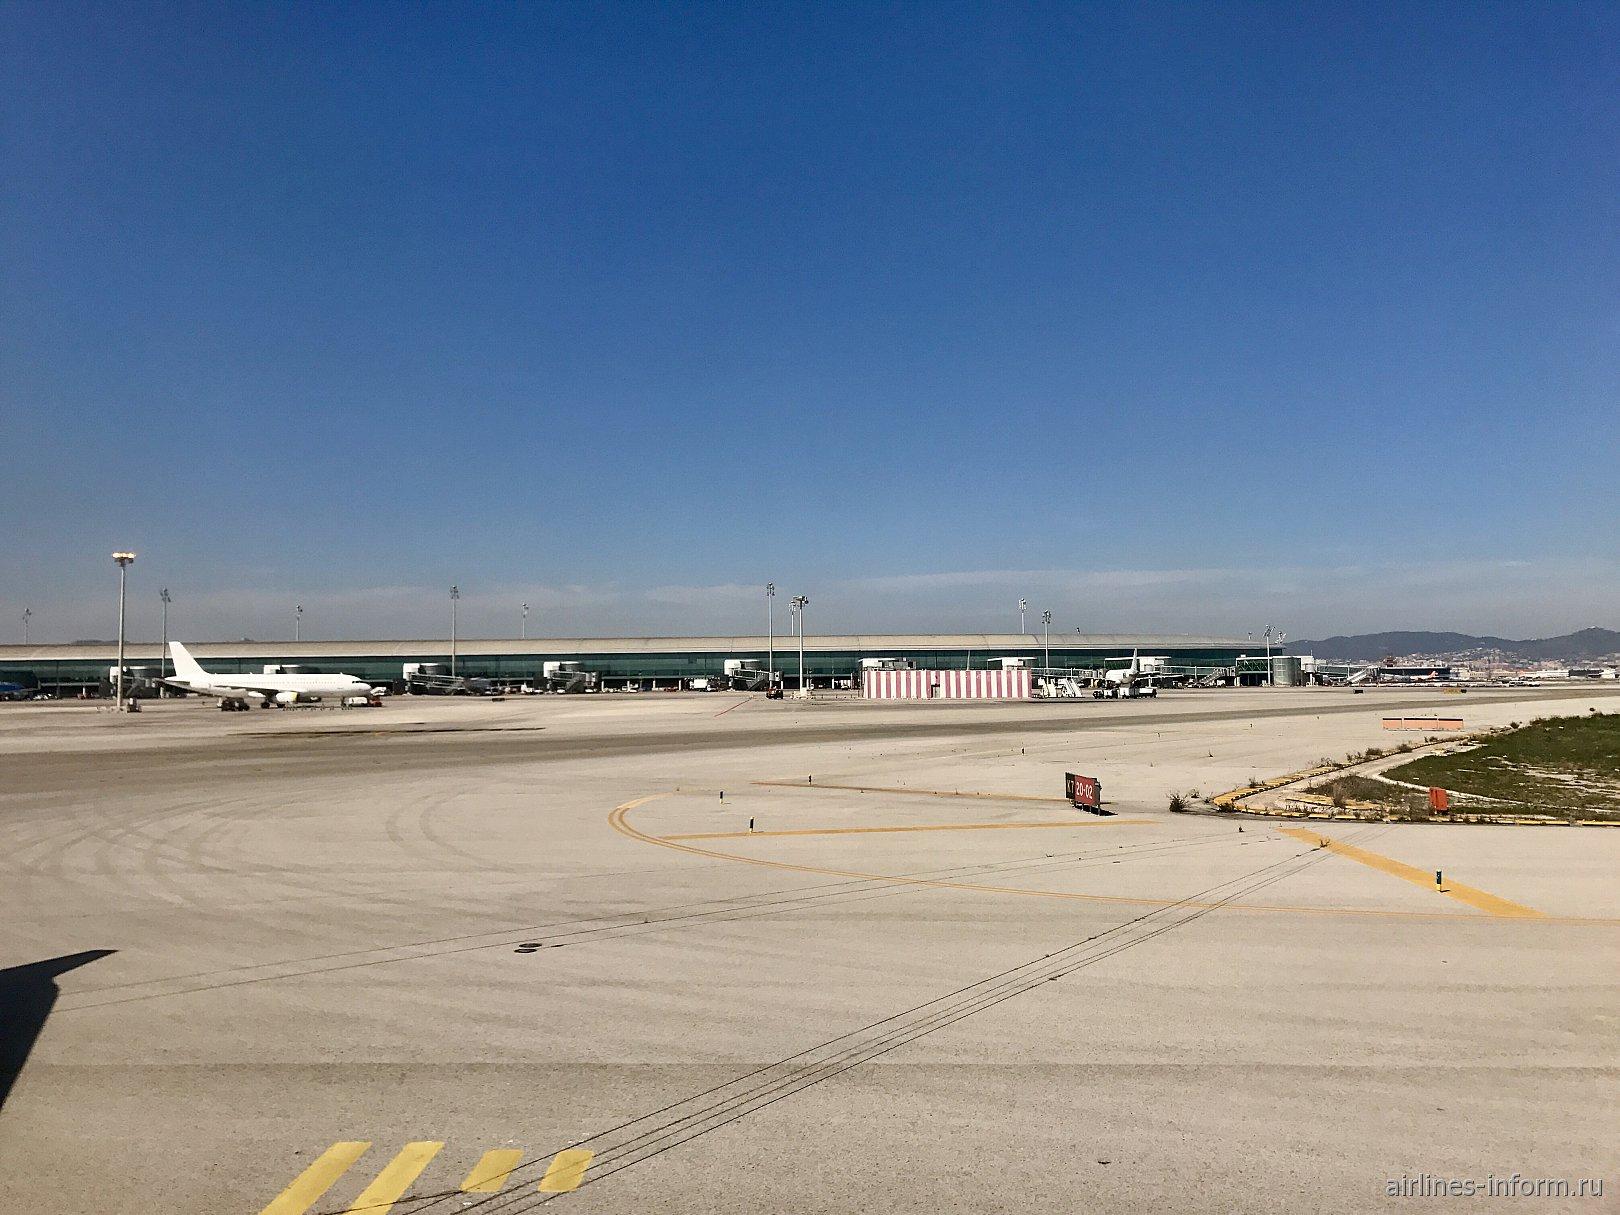 Пассажирский терминал аэропорта Барселона Эль-Прат